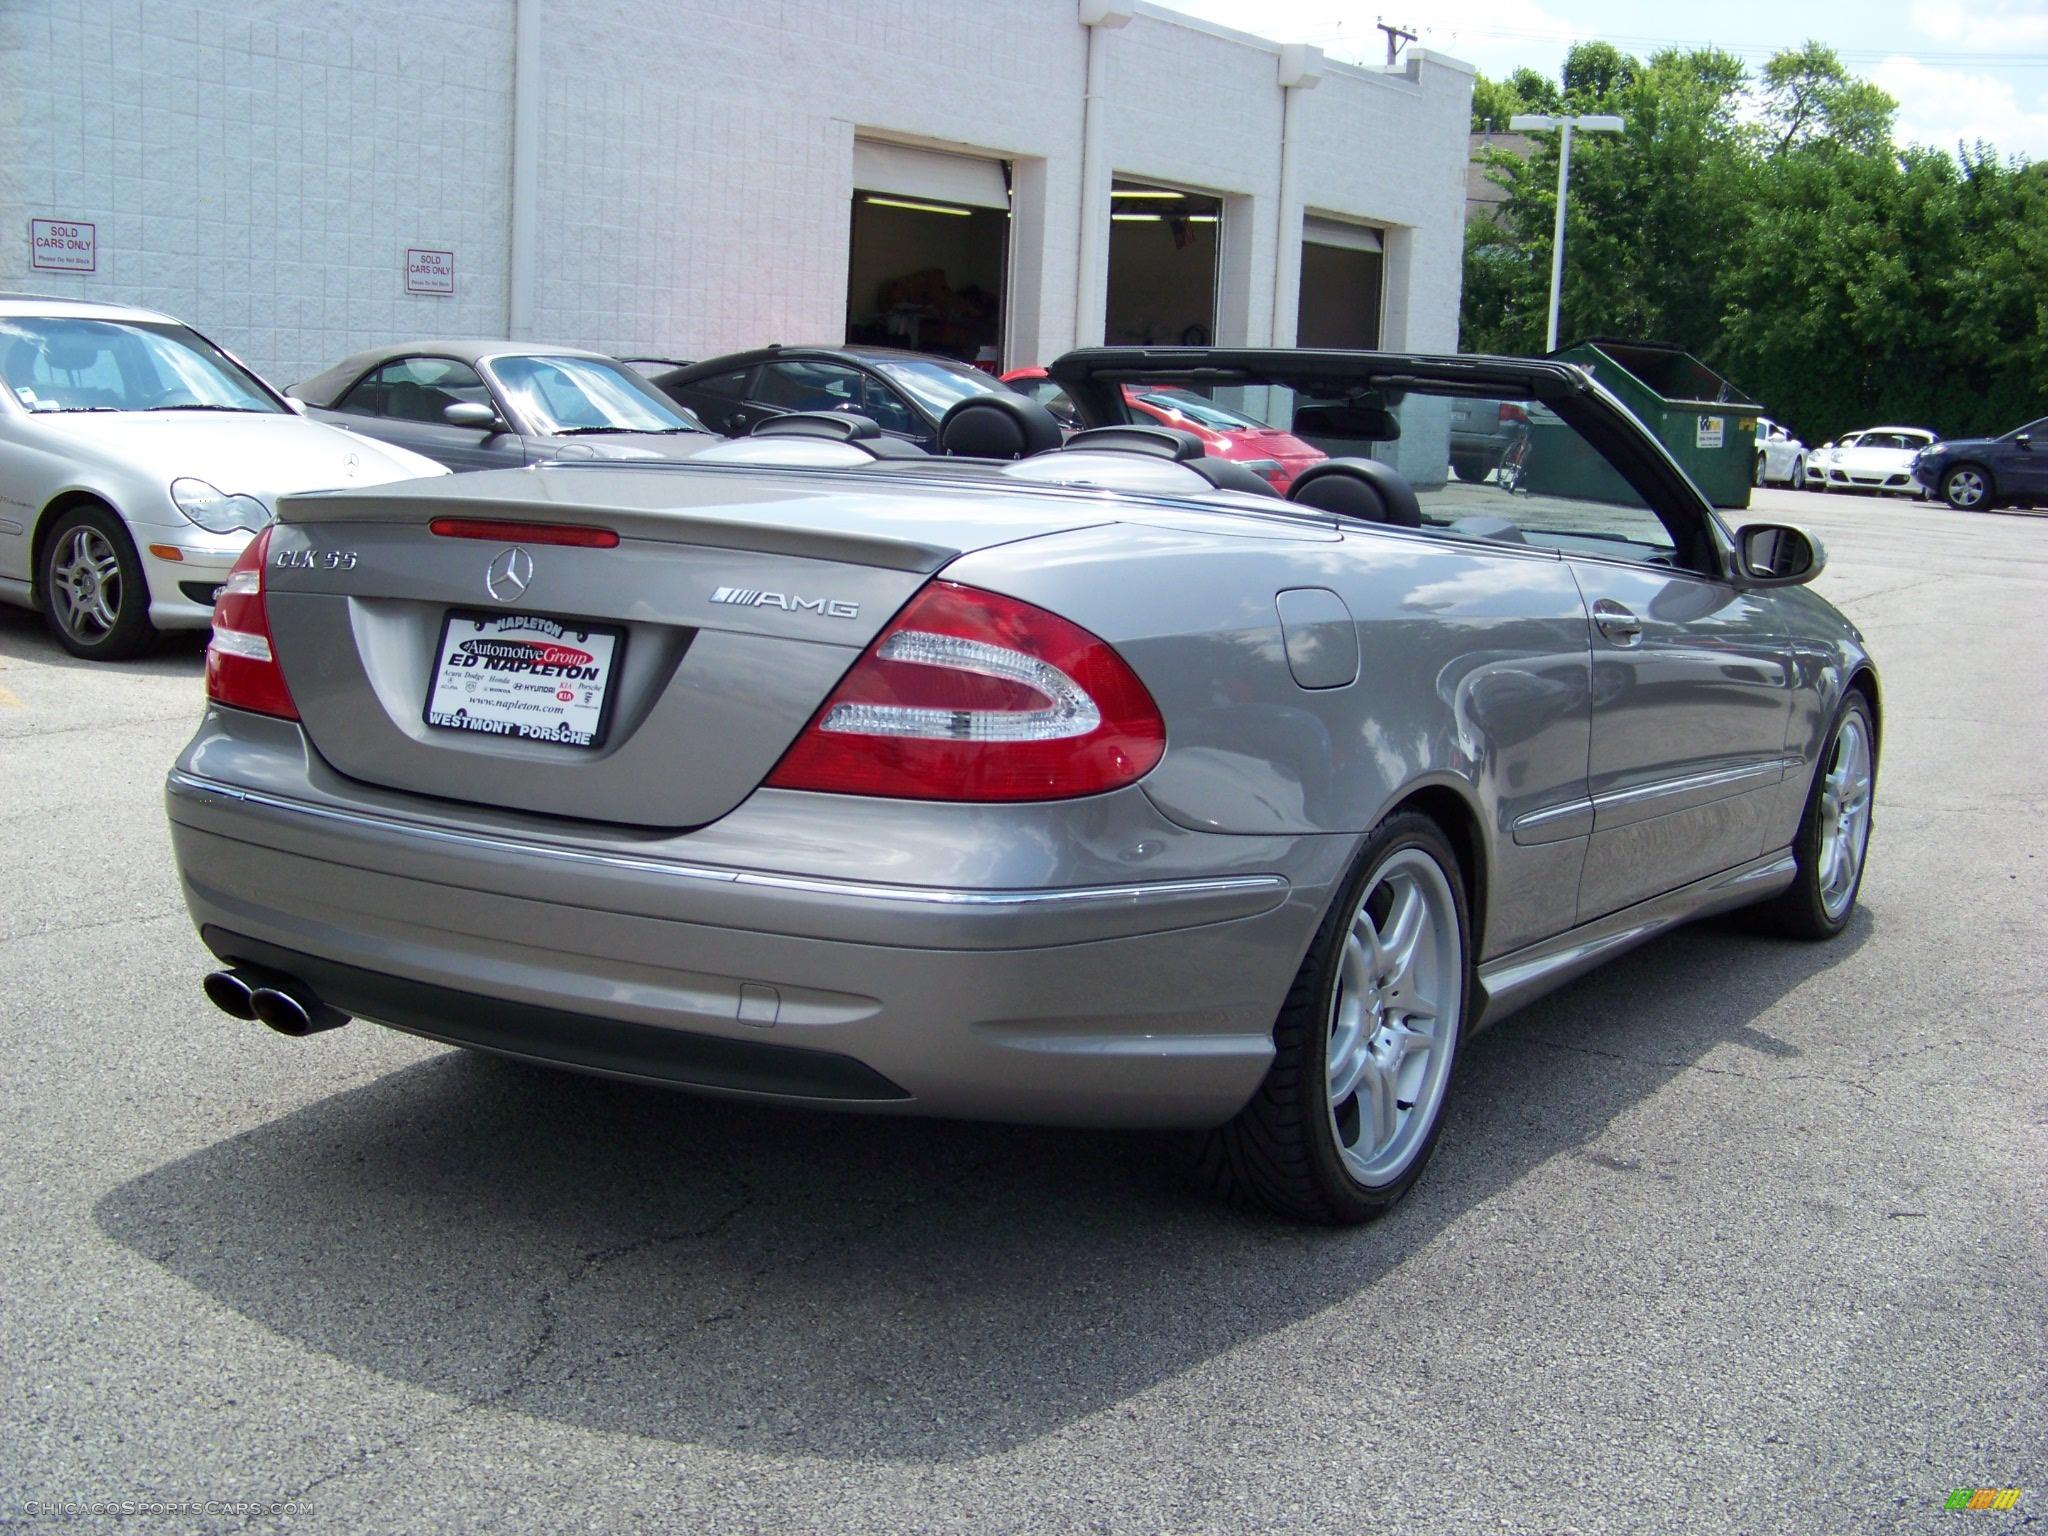 2005 Mercedes-Benz CLK 55 AMG Cabriolet in Pewter Metallic ...